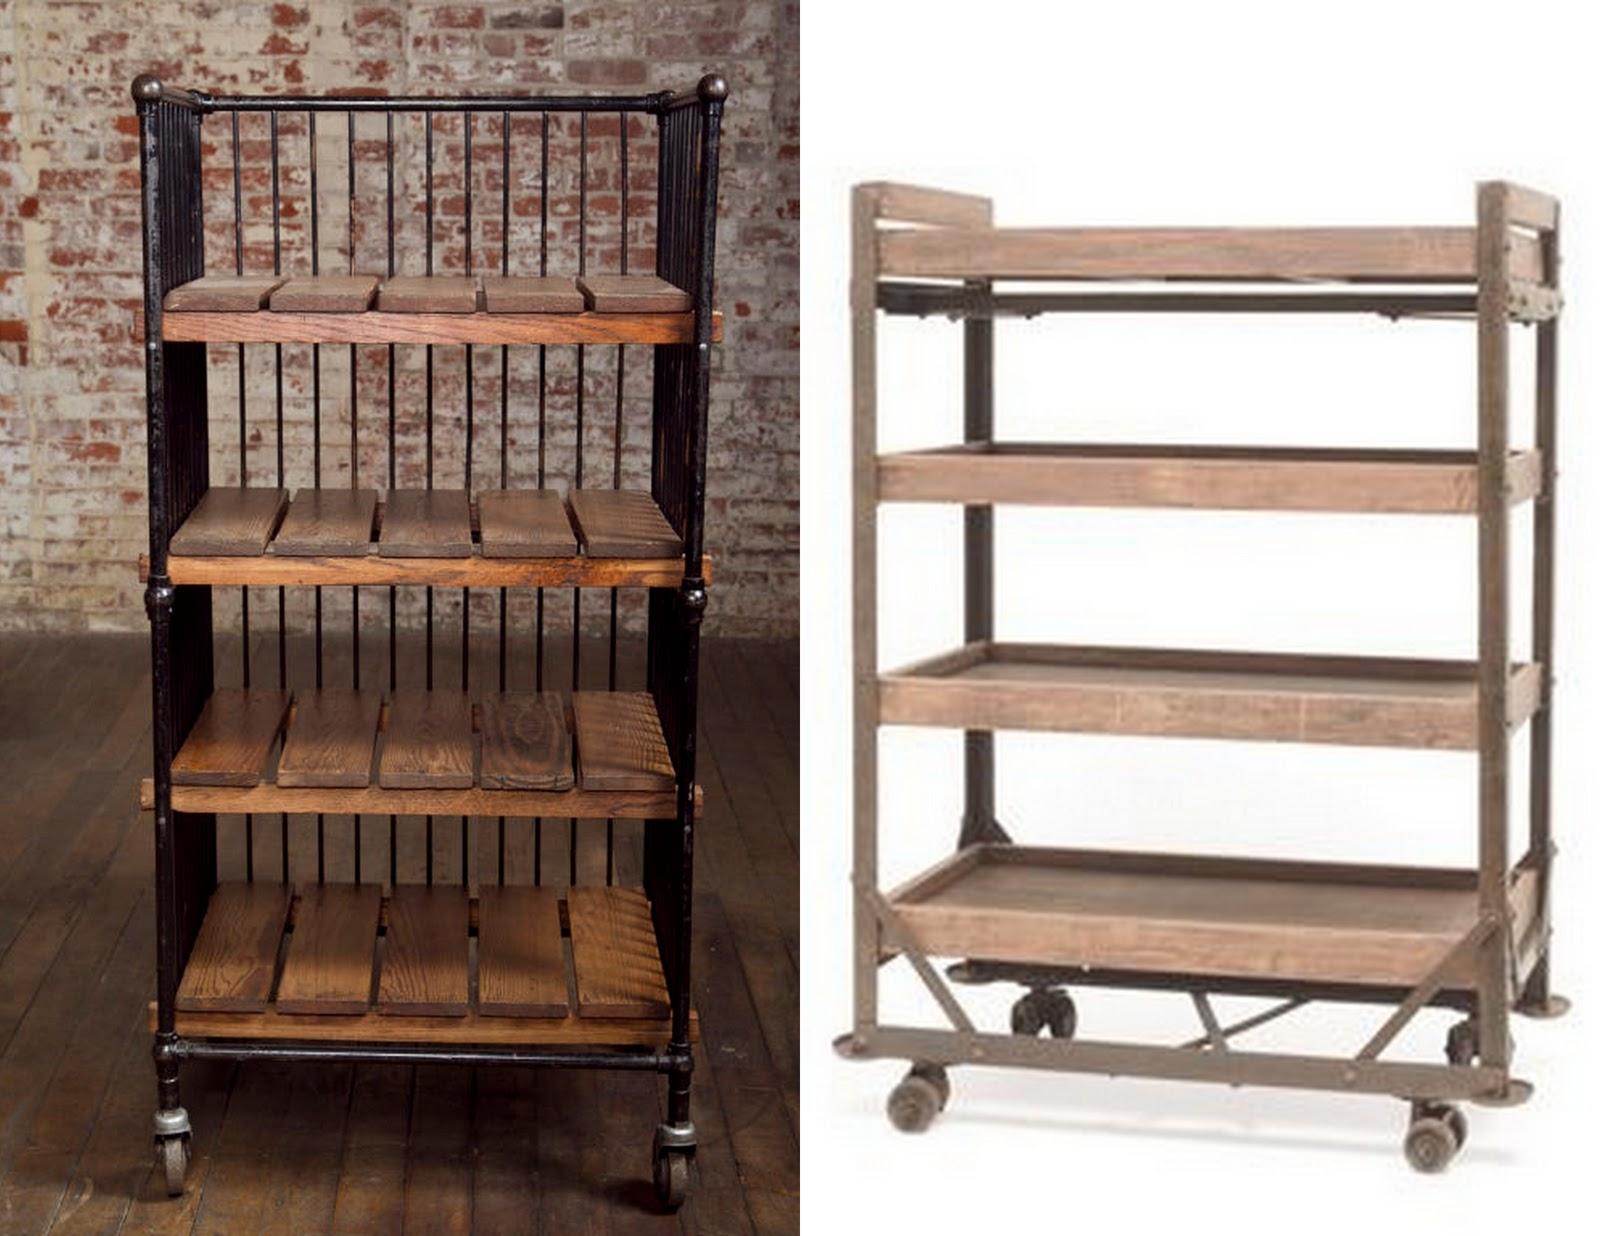 urban rustic furniture. Rustic Urban Furniture. Furniture E